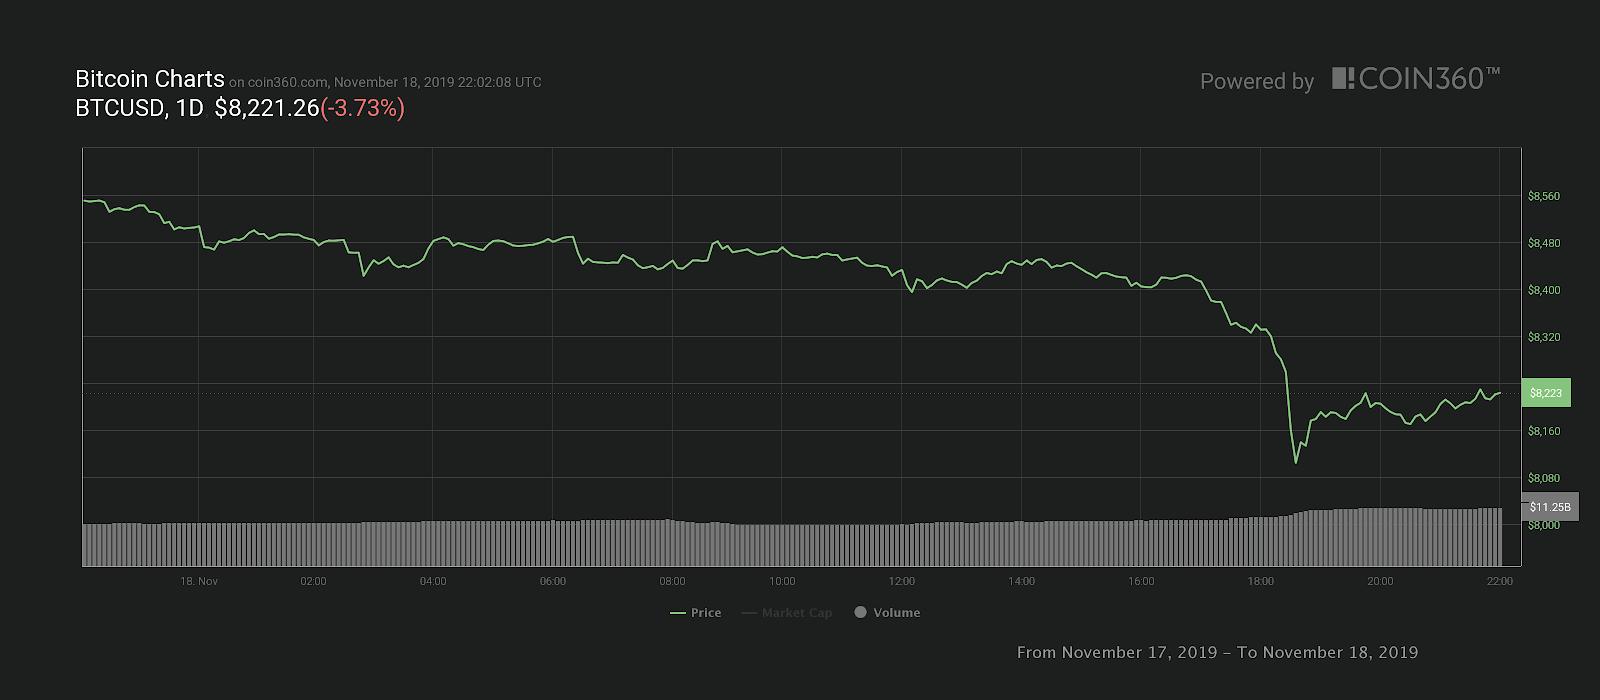 ตลาดคริปโตร่วงต่อเนื่อง ราคา Bitcoin ต่ำกว่า $8,200